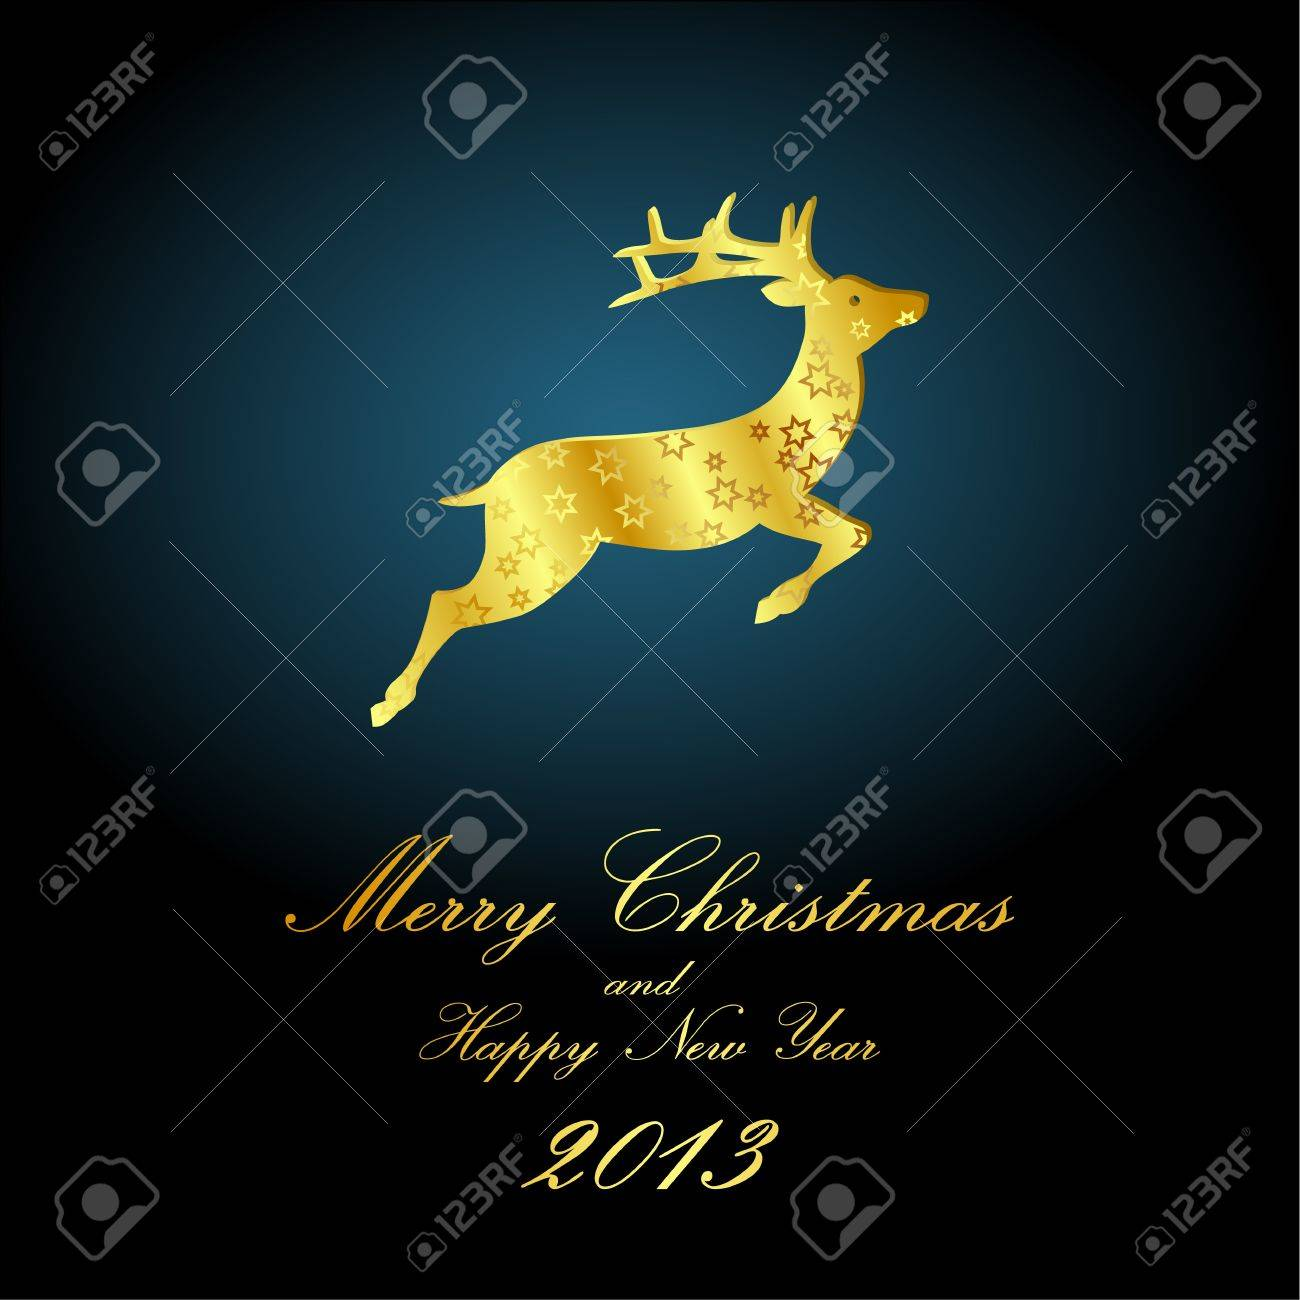 golden deer on night sky, christmas Stock Vector - 15685784